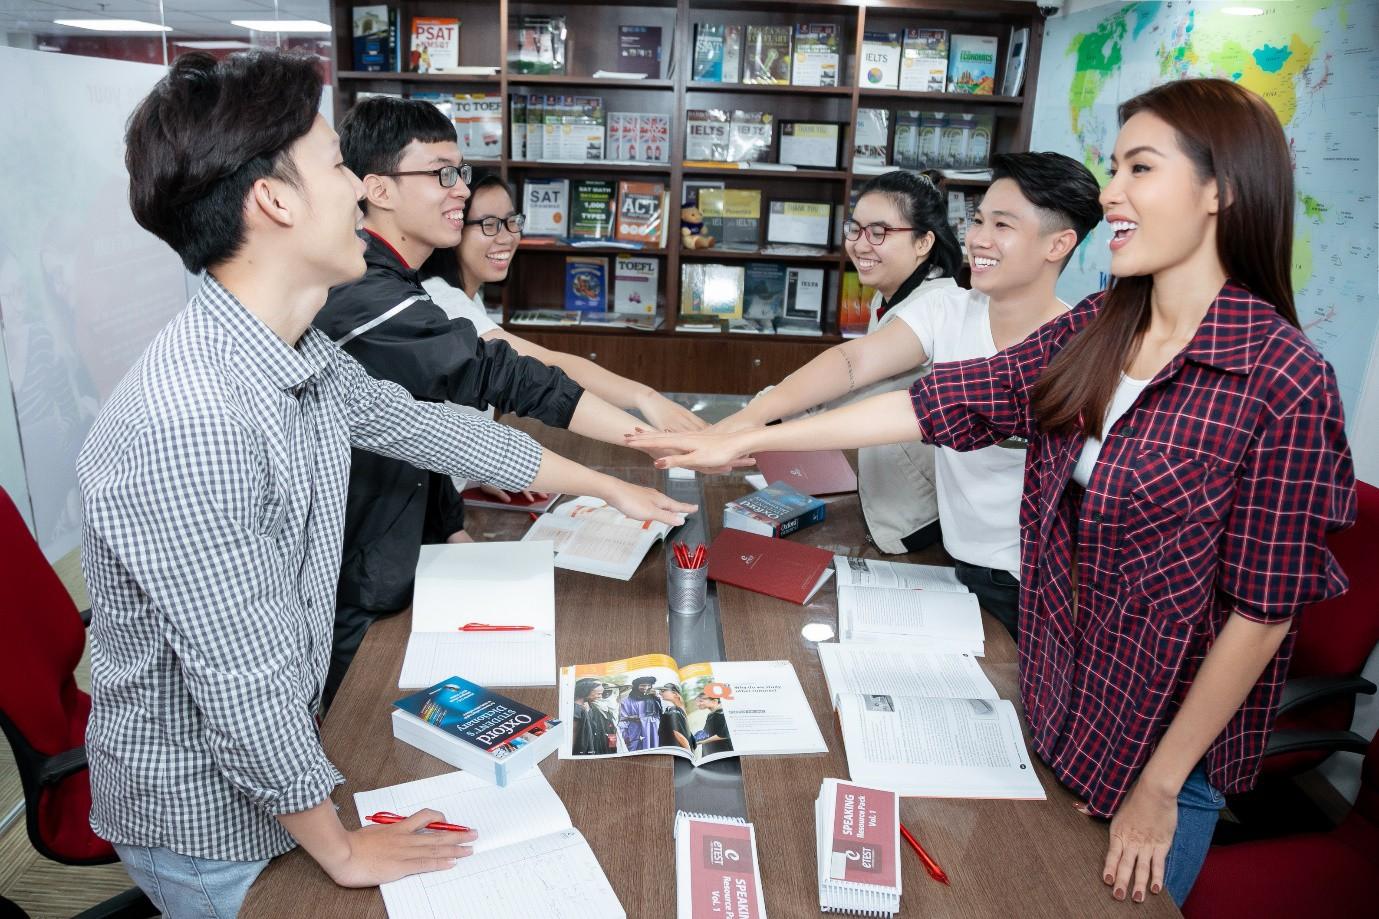 Minh Tú nói tiếng Anh ngày càng hoàn thiện, đây là nơi giúp cô trau dồi kỹ năng ngoại ngữ của mình! - Ảnh 5.